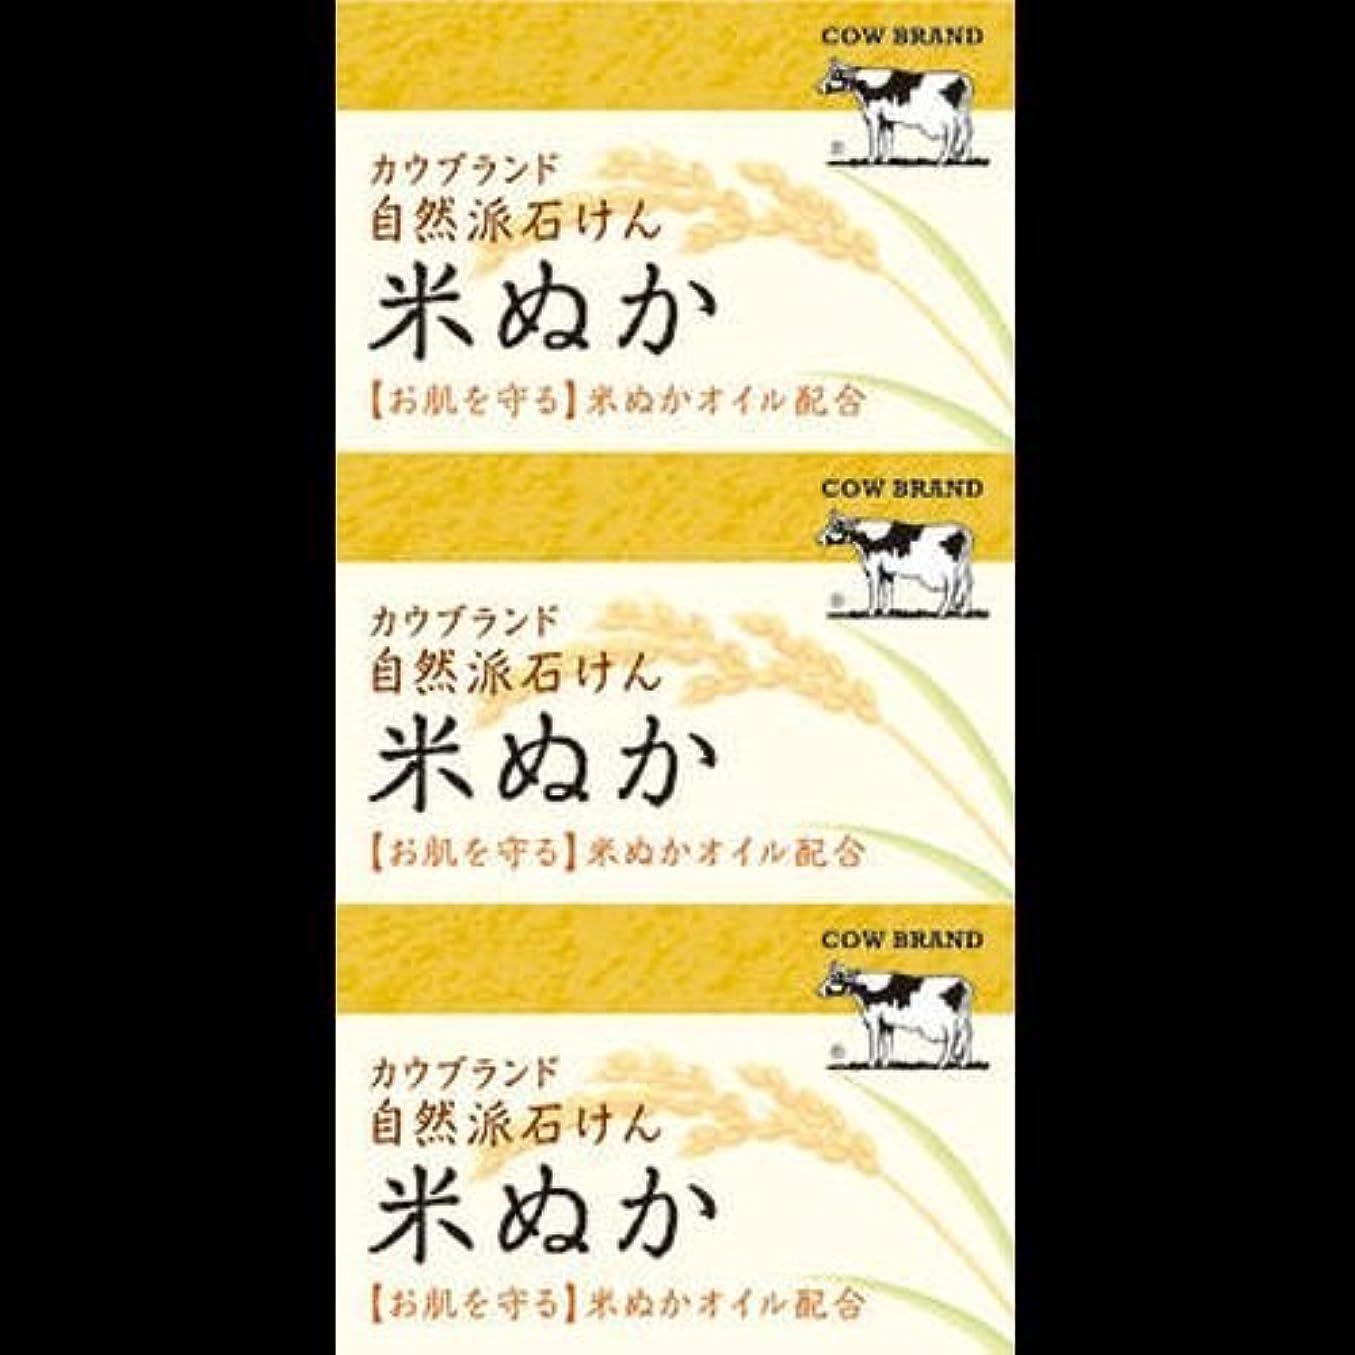 公爵シフトファシズム【まとめ買い】カウブランド 自然派石けん 米ぬか 100g*3個 ×2セット